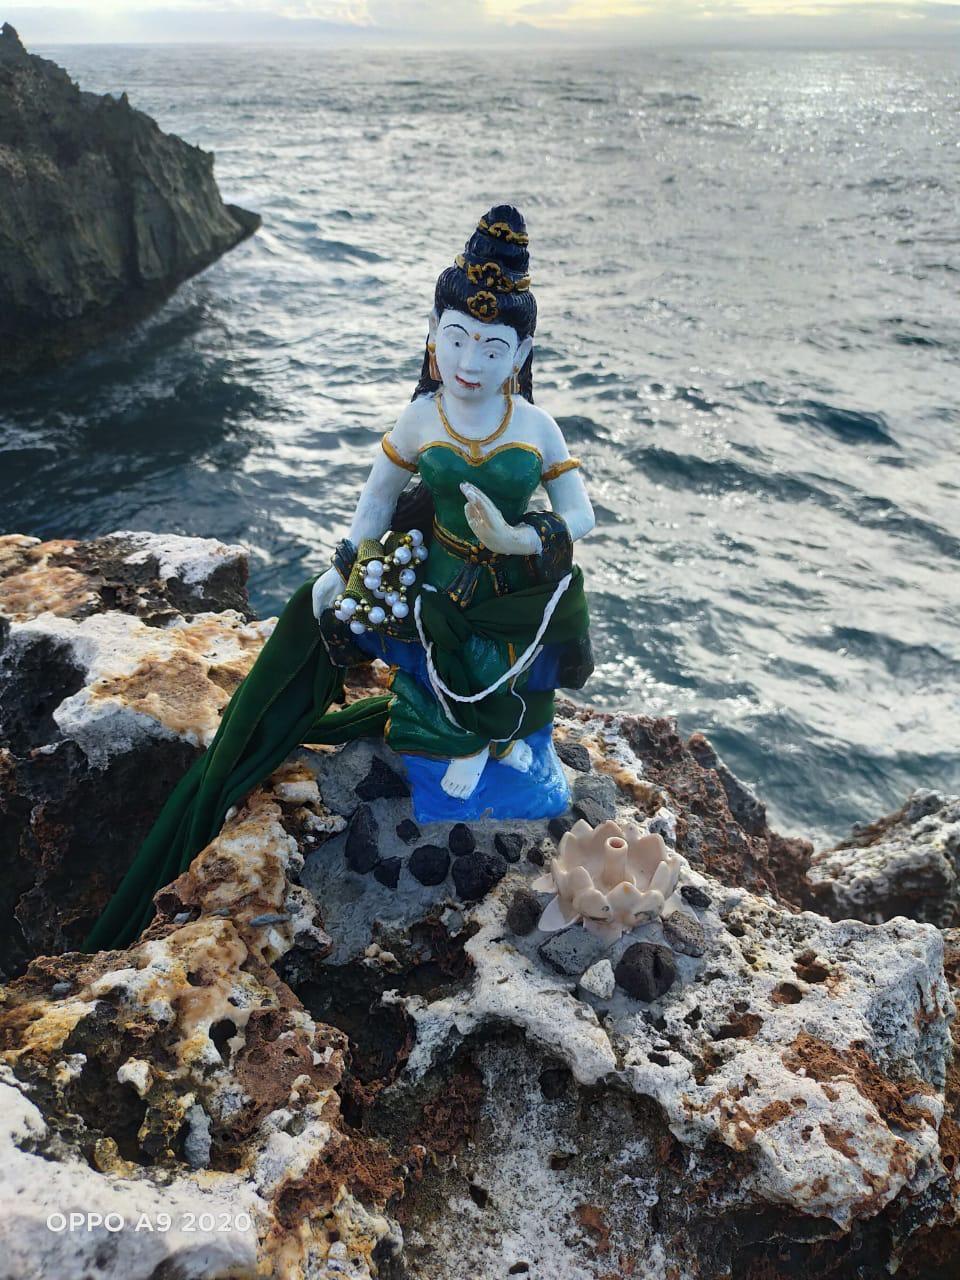 Heboh adanya patung ratu pantai selatan Nyi Roro Kidul yang muncul di atas batu di Waterblow, Kawasan ITDC. Patung tersebut terpasang berdiri di atas batu karang.